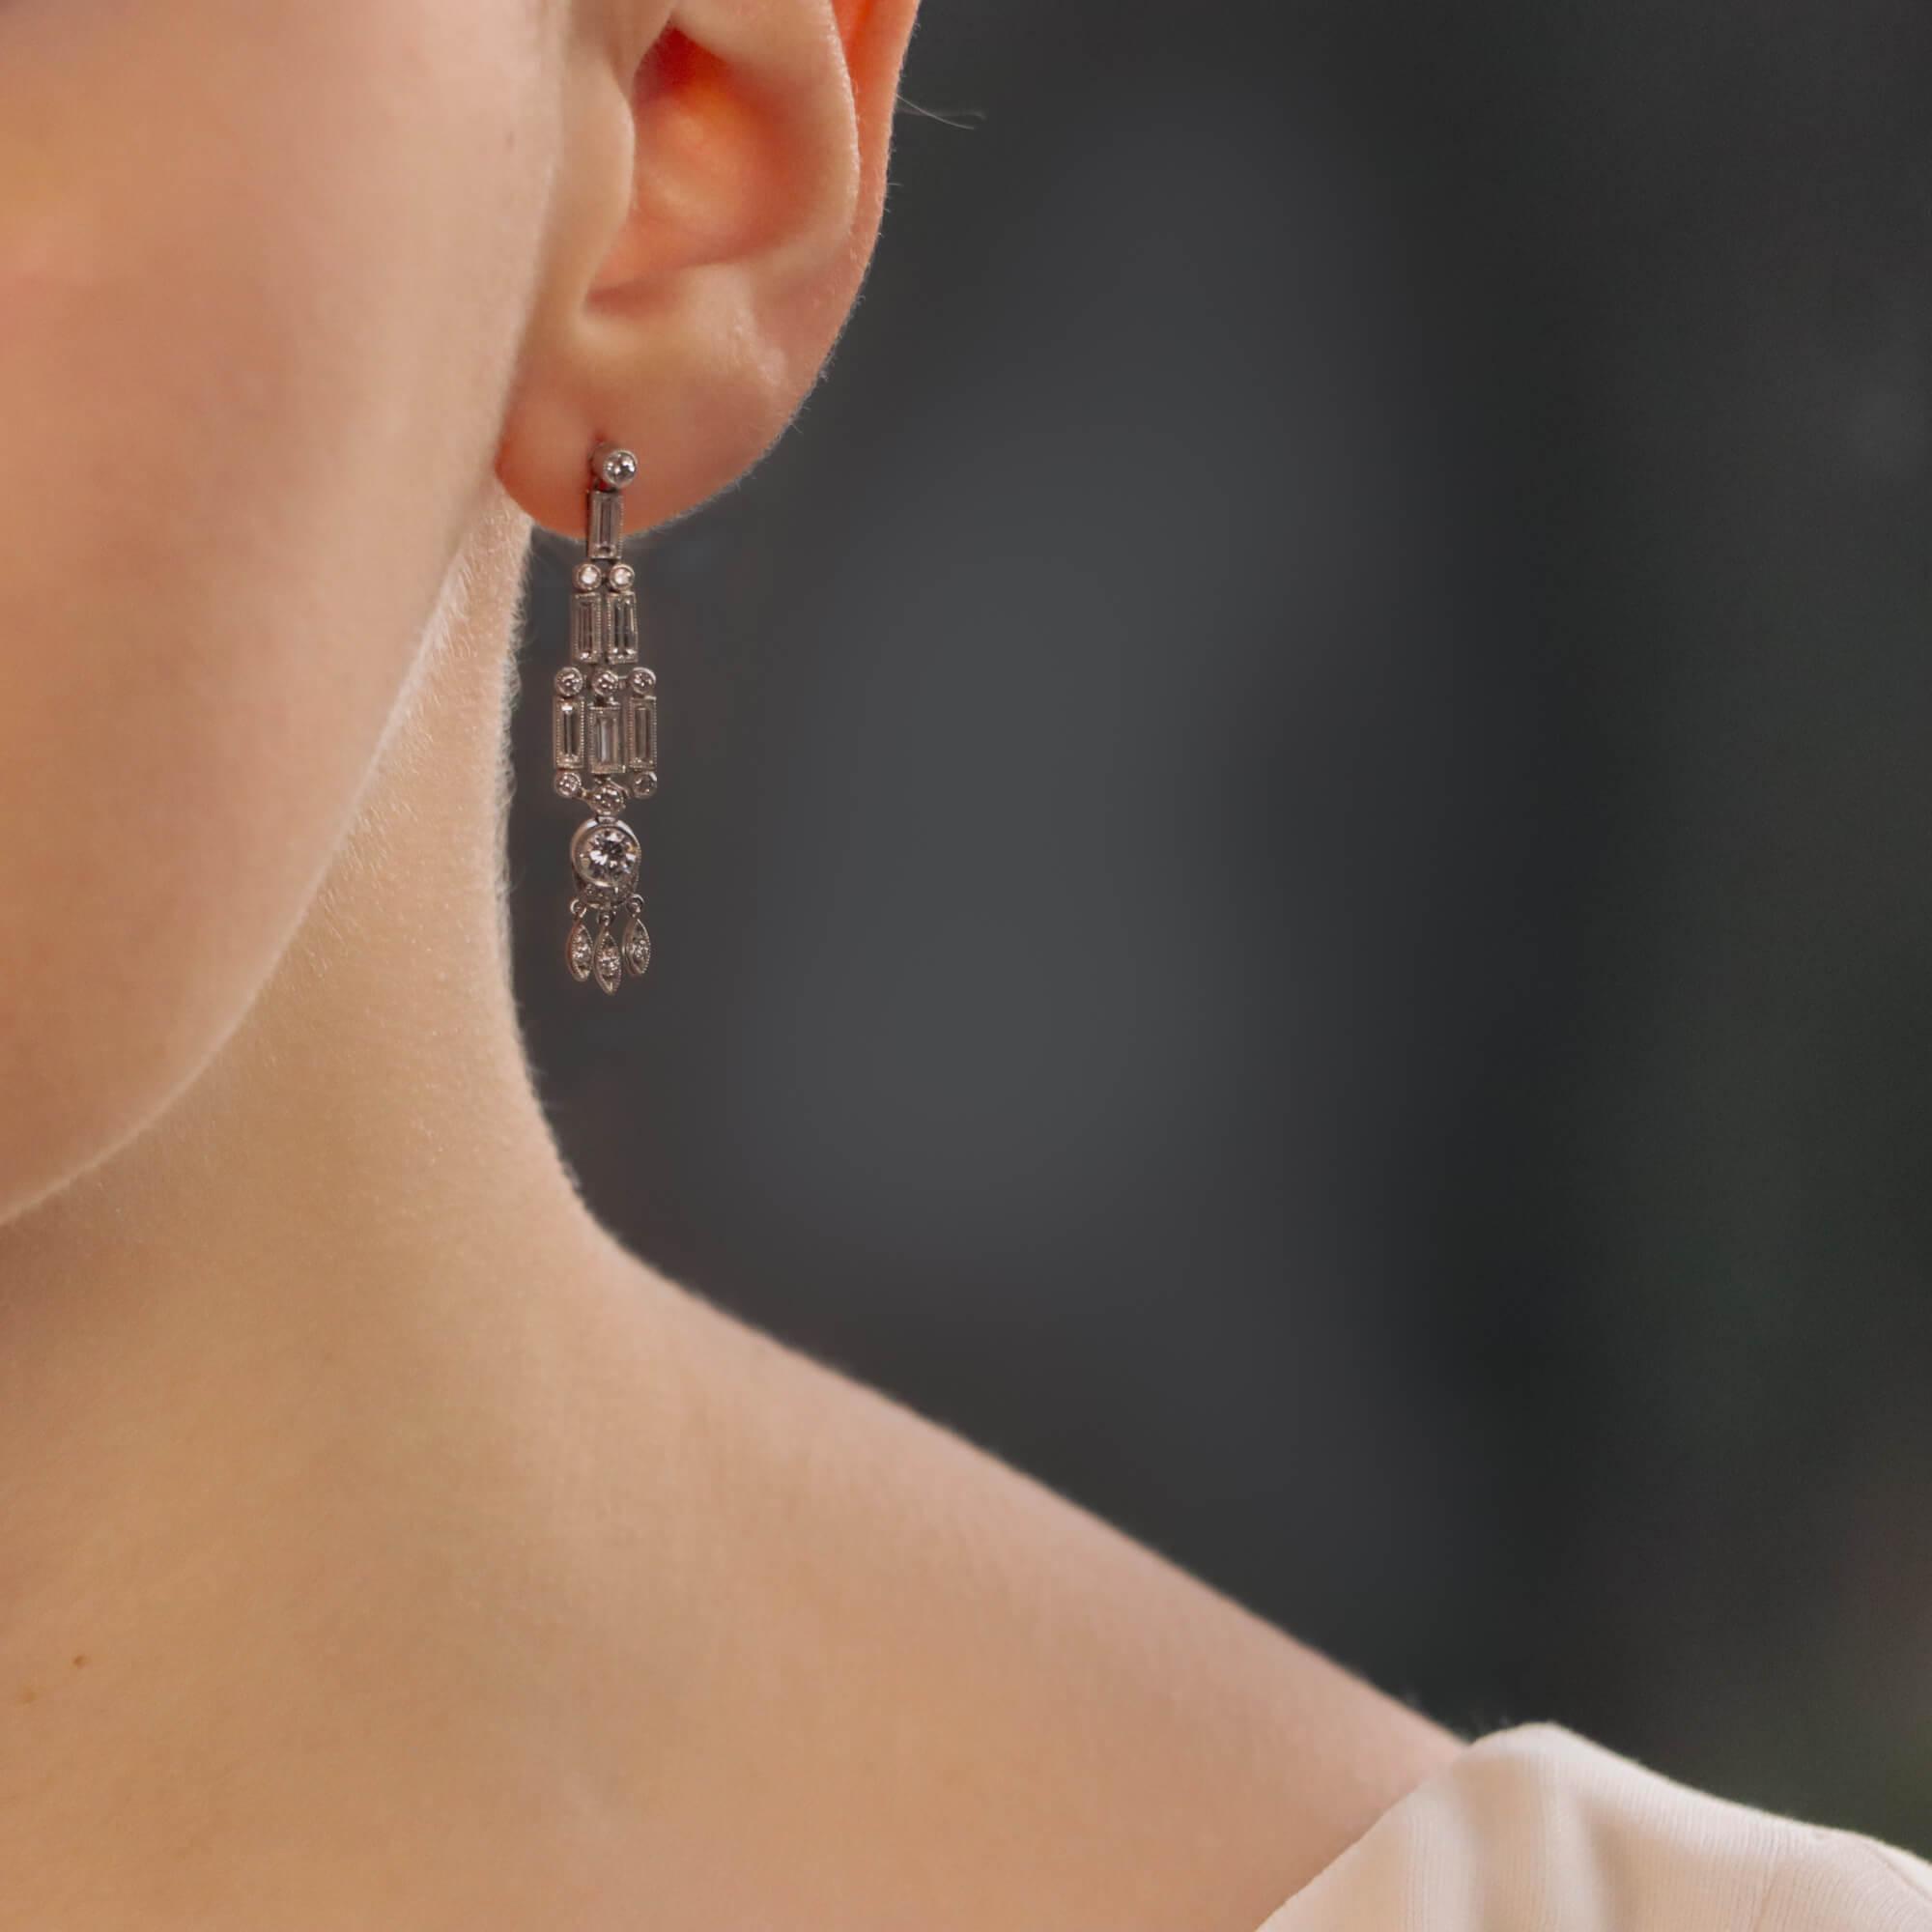 Art Deco Style Chandelier Drop Earrings At Susannah Lovis Antique Jewellery